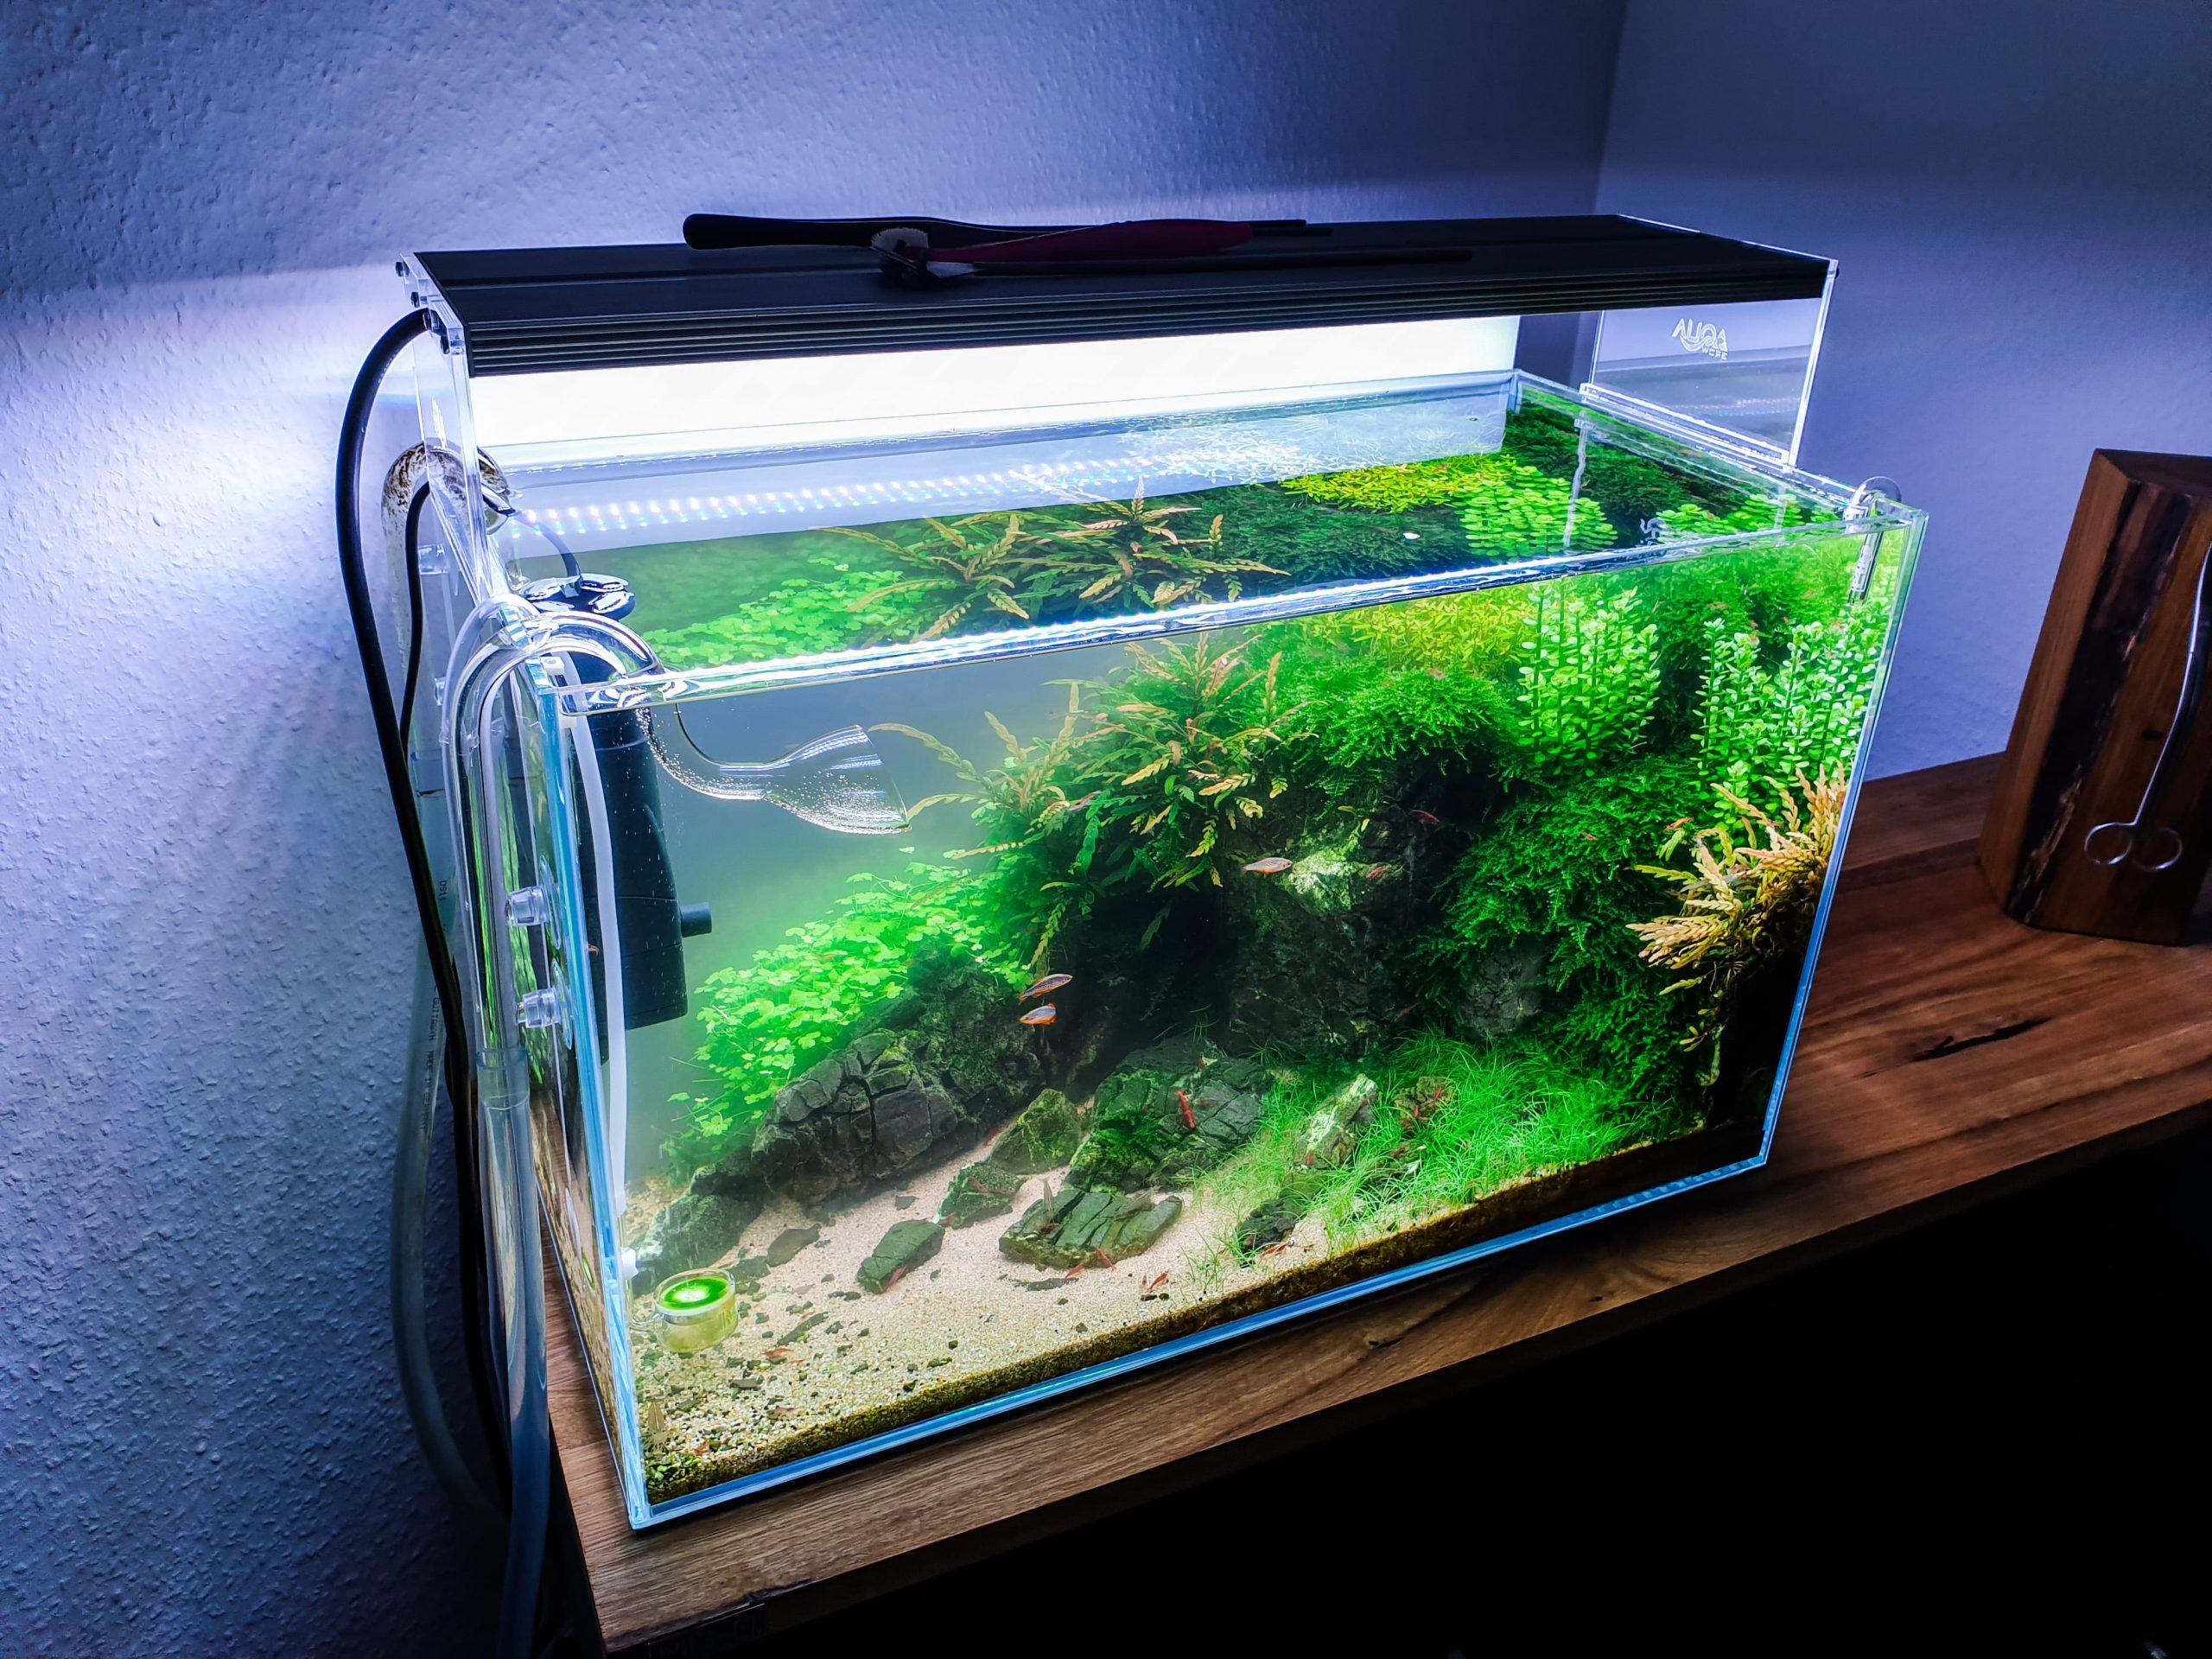 Endlich wieder klares Wasser im Aquarium